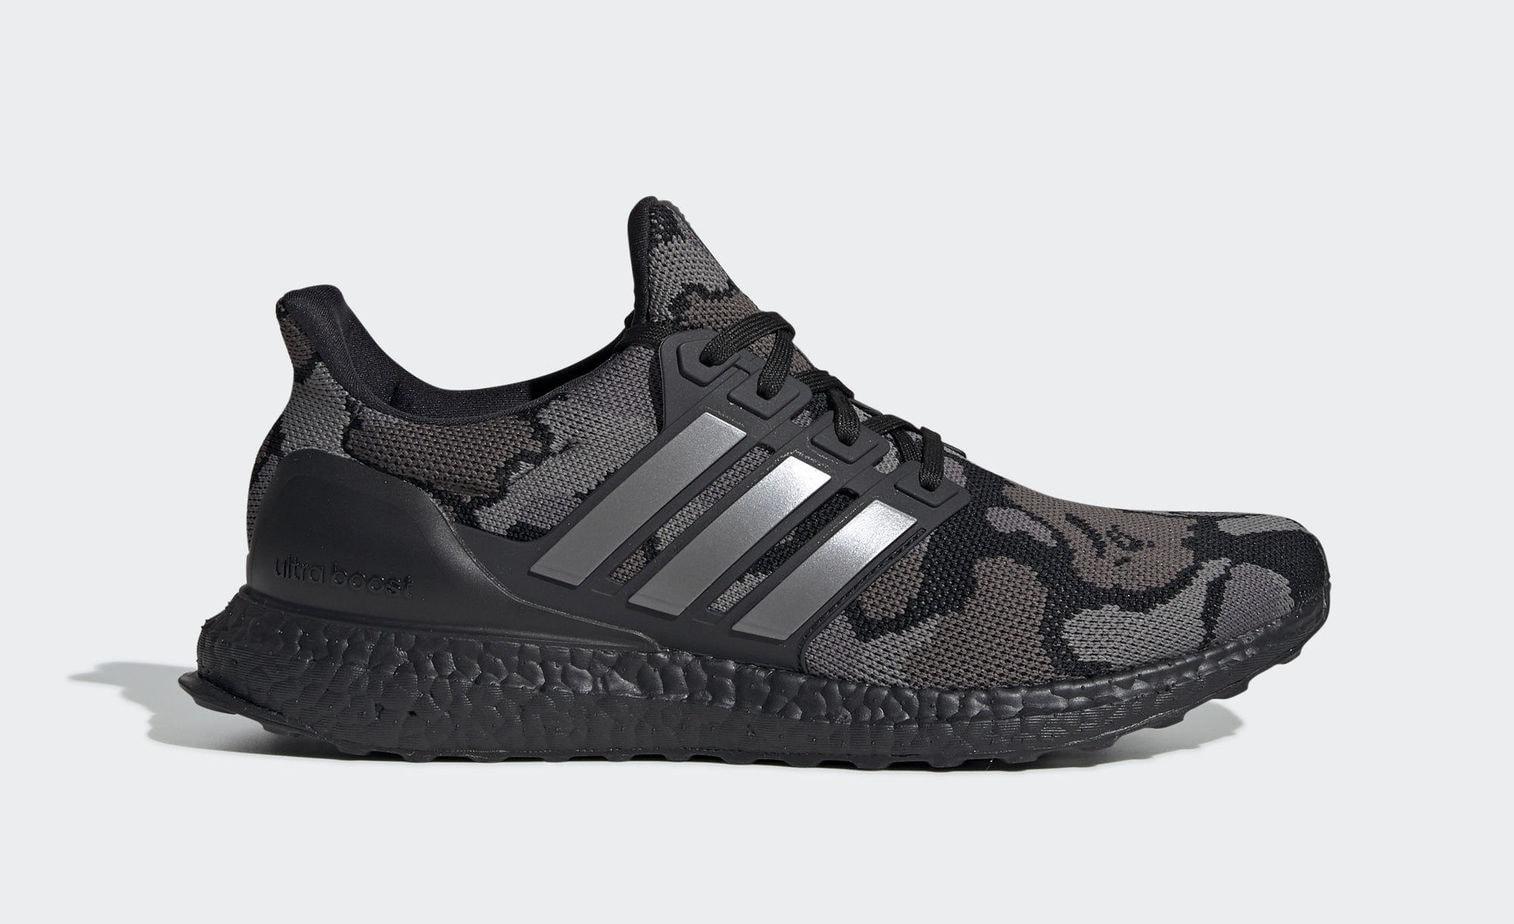 """cheap for discount c4a4e 12ce1 BAPE x adidas Ultra Boost """"Black Camo"""" Black CamoBlack CamoBlack Camo  February 2, 2019"""